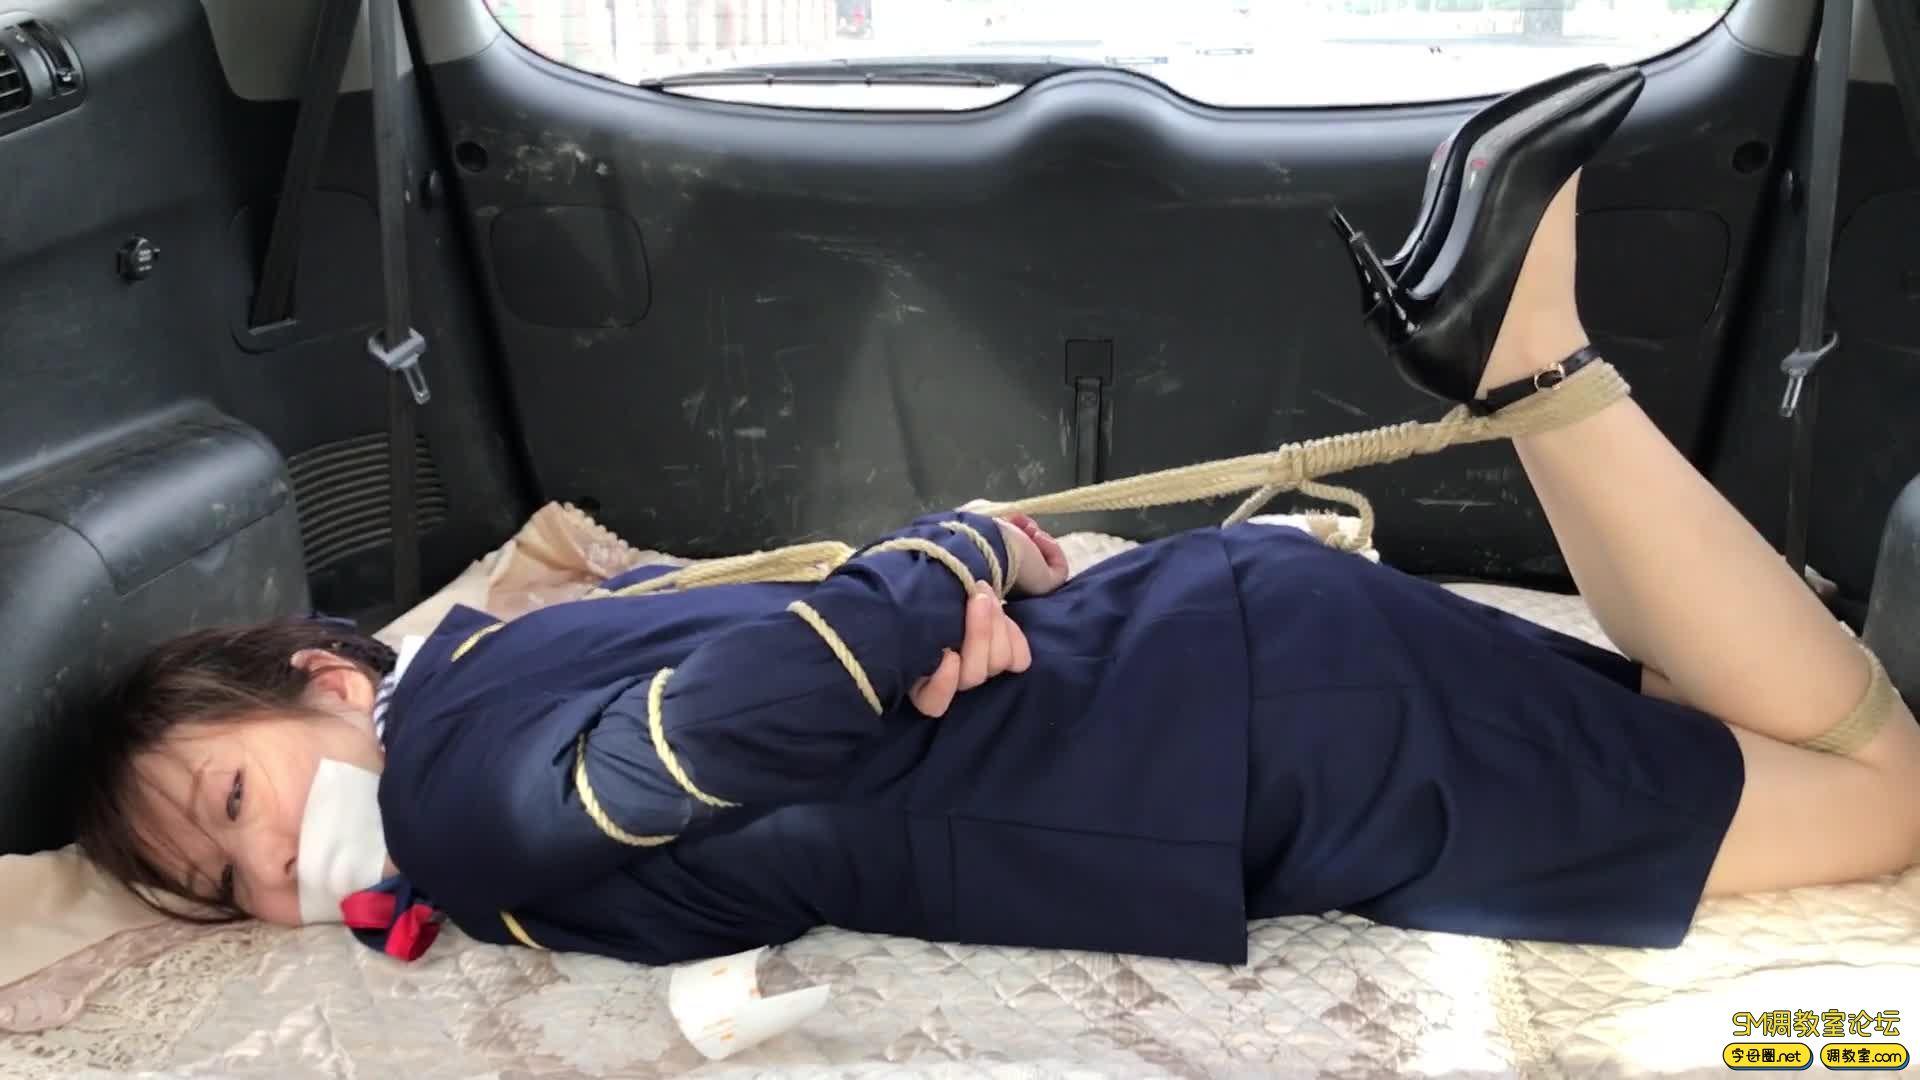 【旋律受虐记15】 空姐的磨难之街头绑架篇-视频截图7